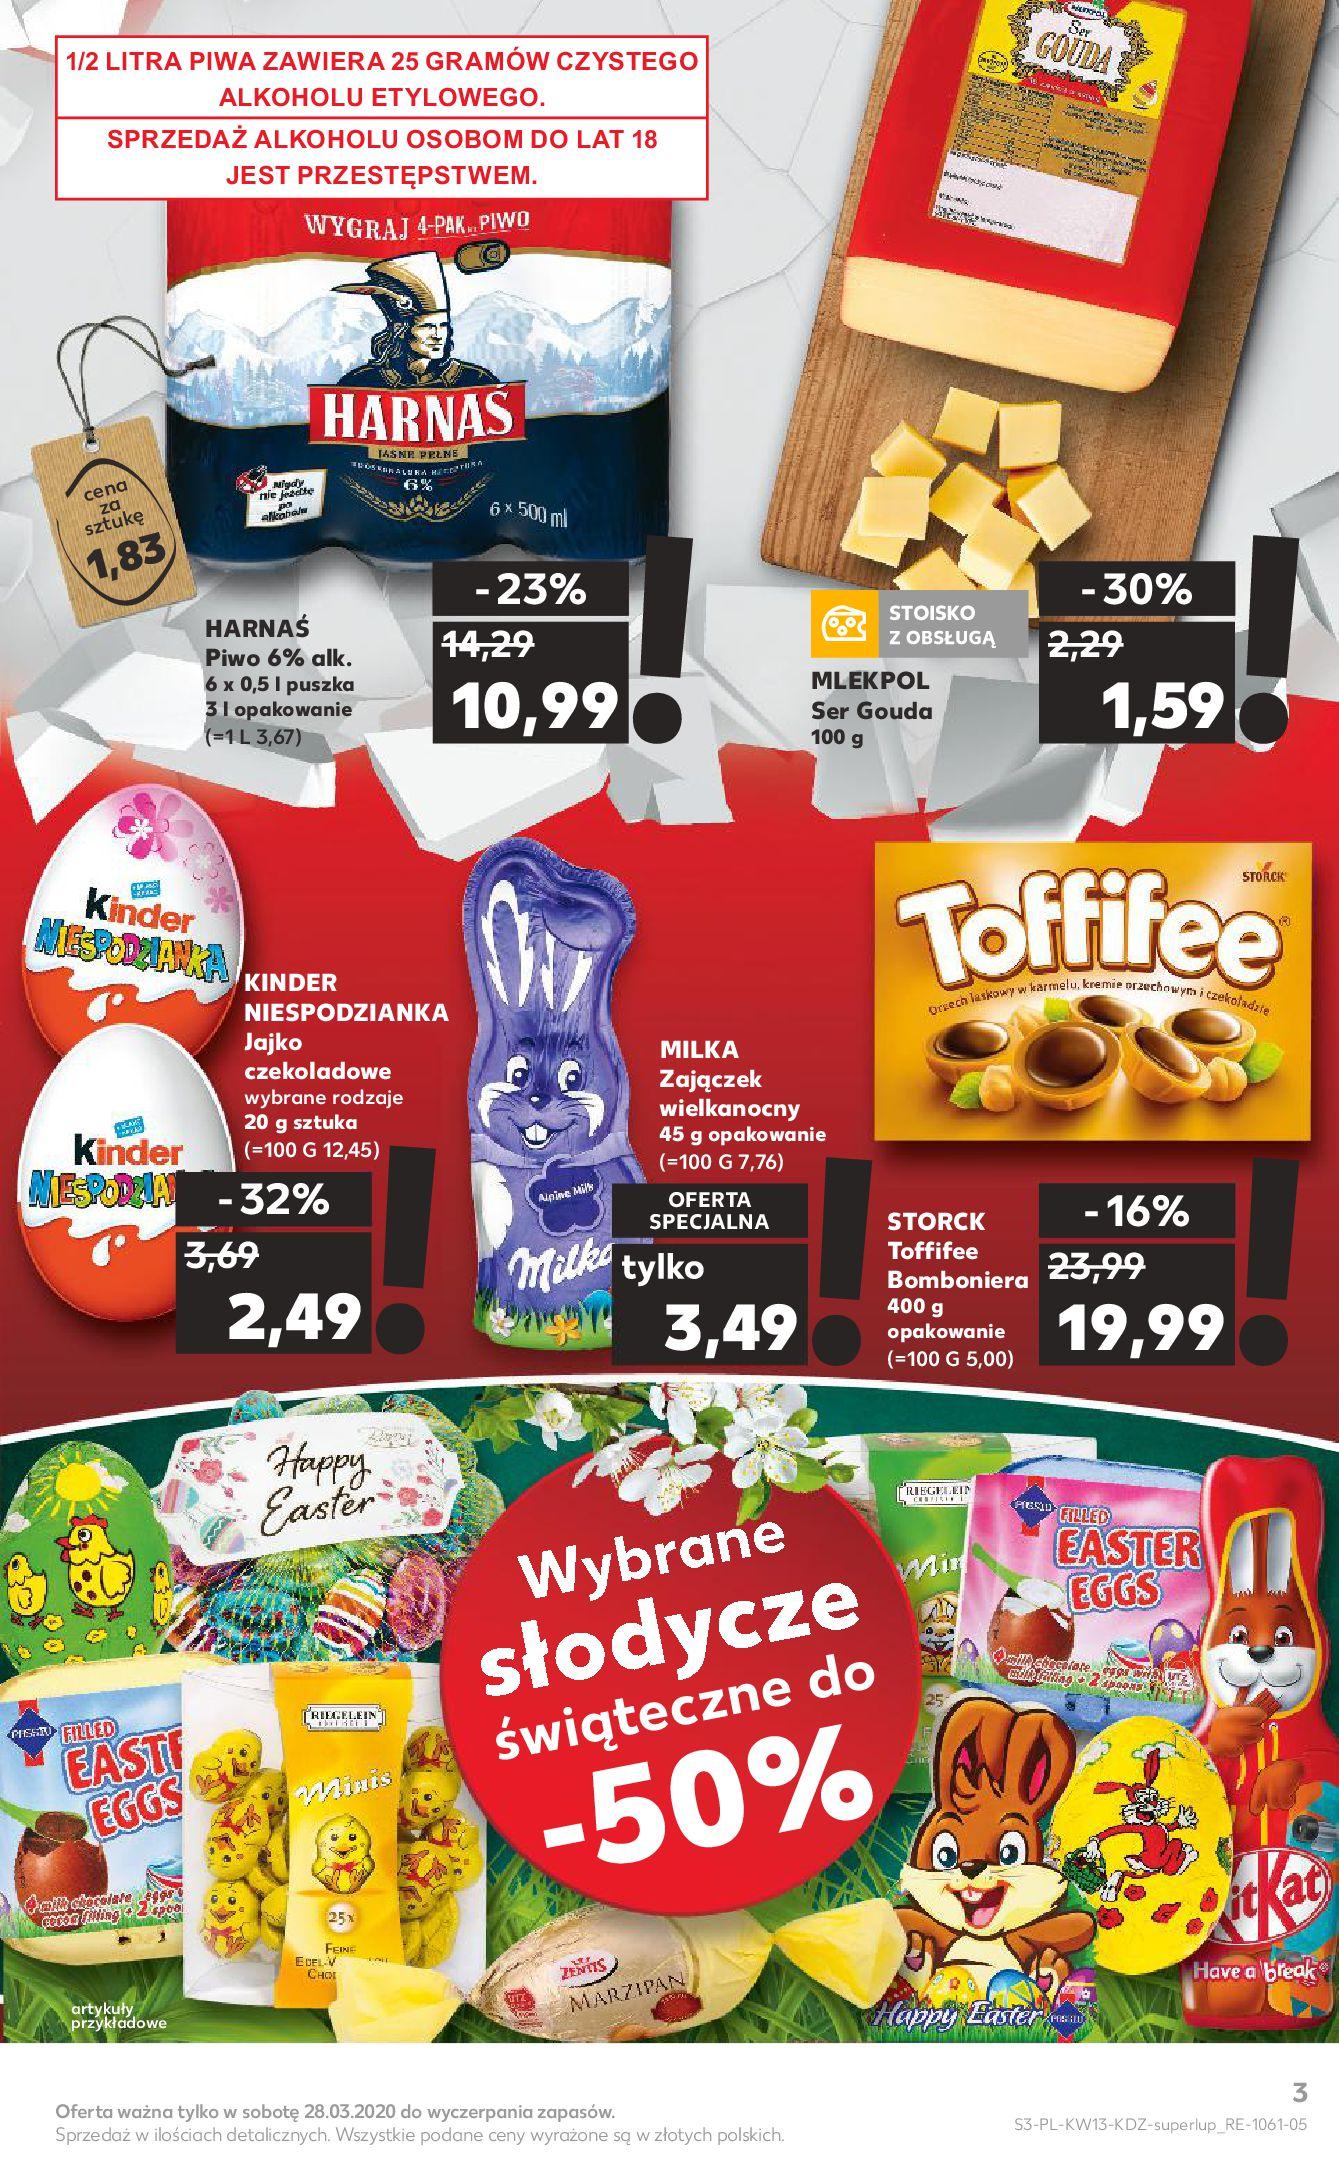 Gazetka Kaufland - Na dobry tydzień-25.03.2020-01.04.2020-page-3